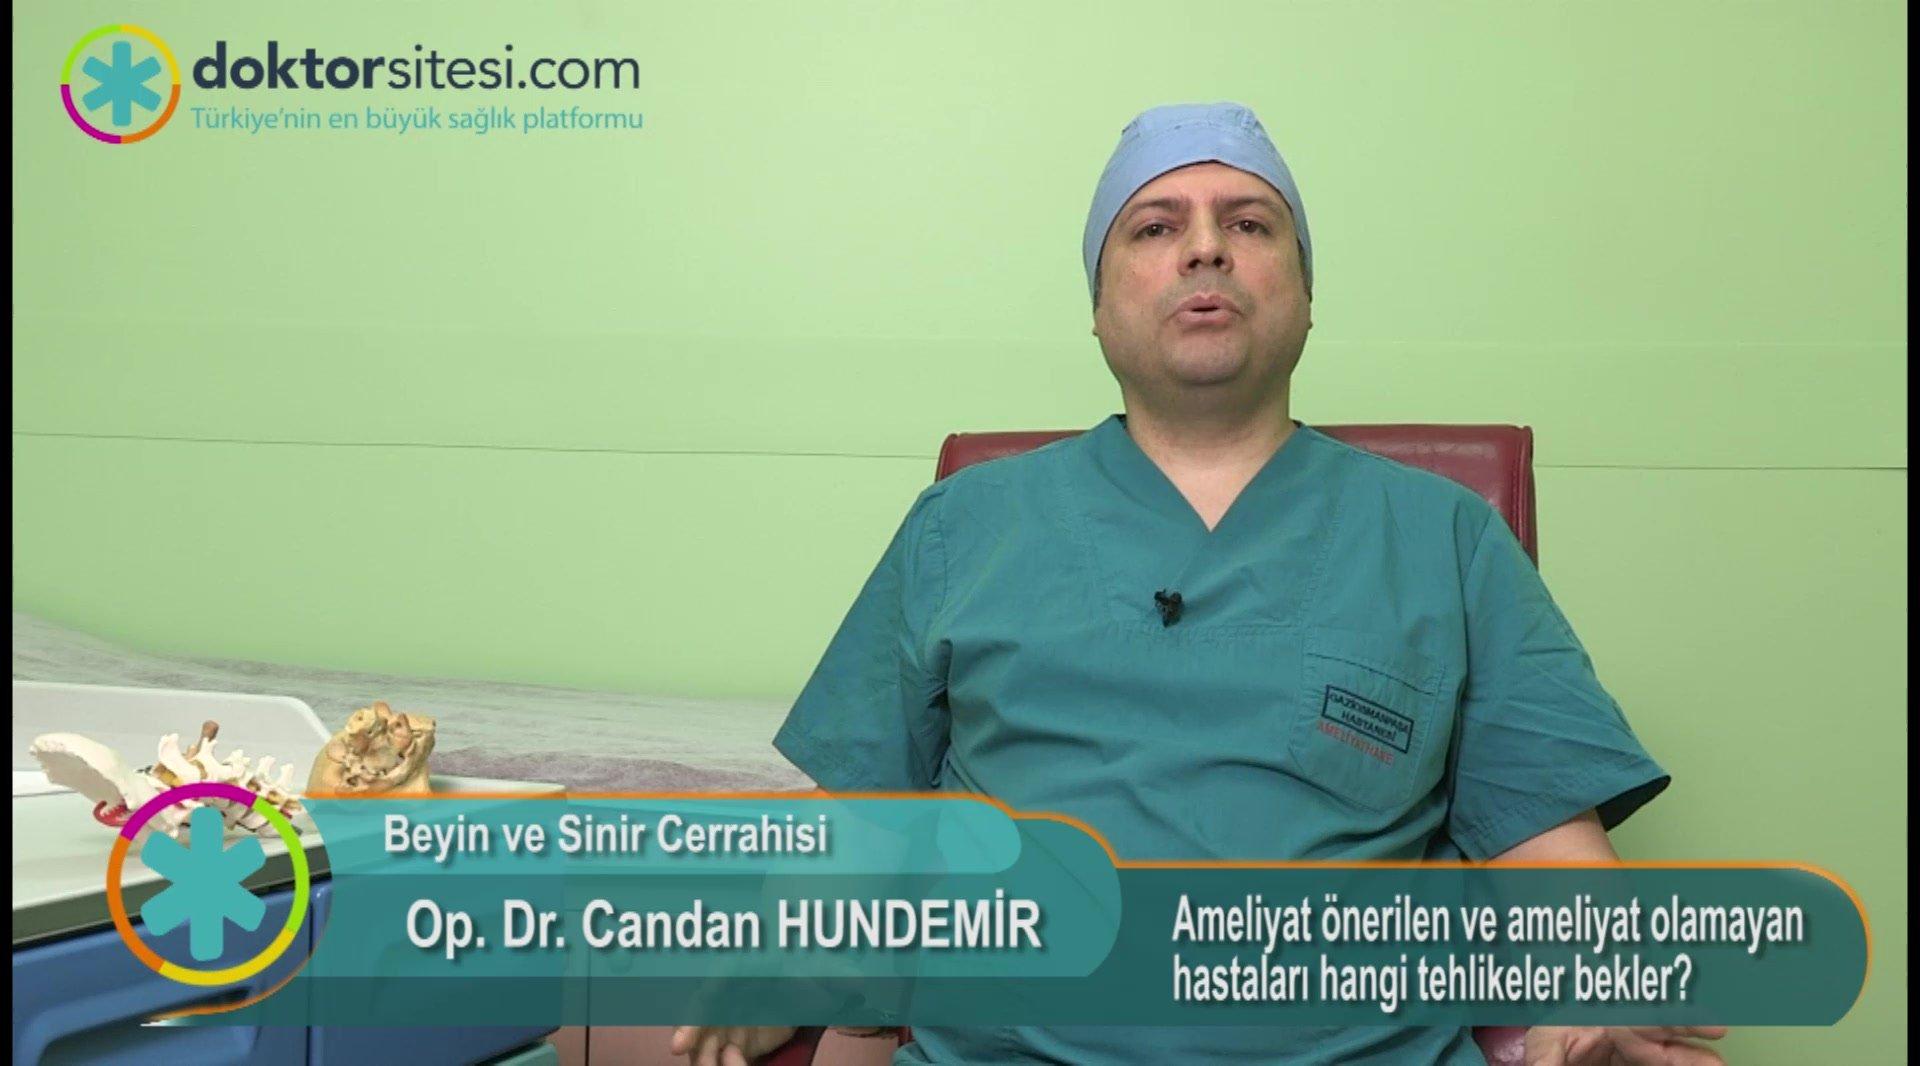 """Ameliyat önerilen ve ameliyat olamayan hastaları hangi tehlikeler bekler?  """"Op. Dr. Candan  HUNDEMIR"""""""